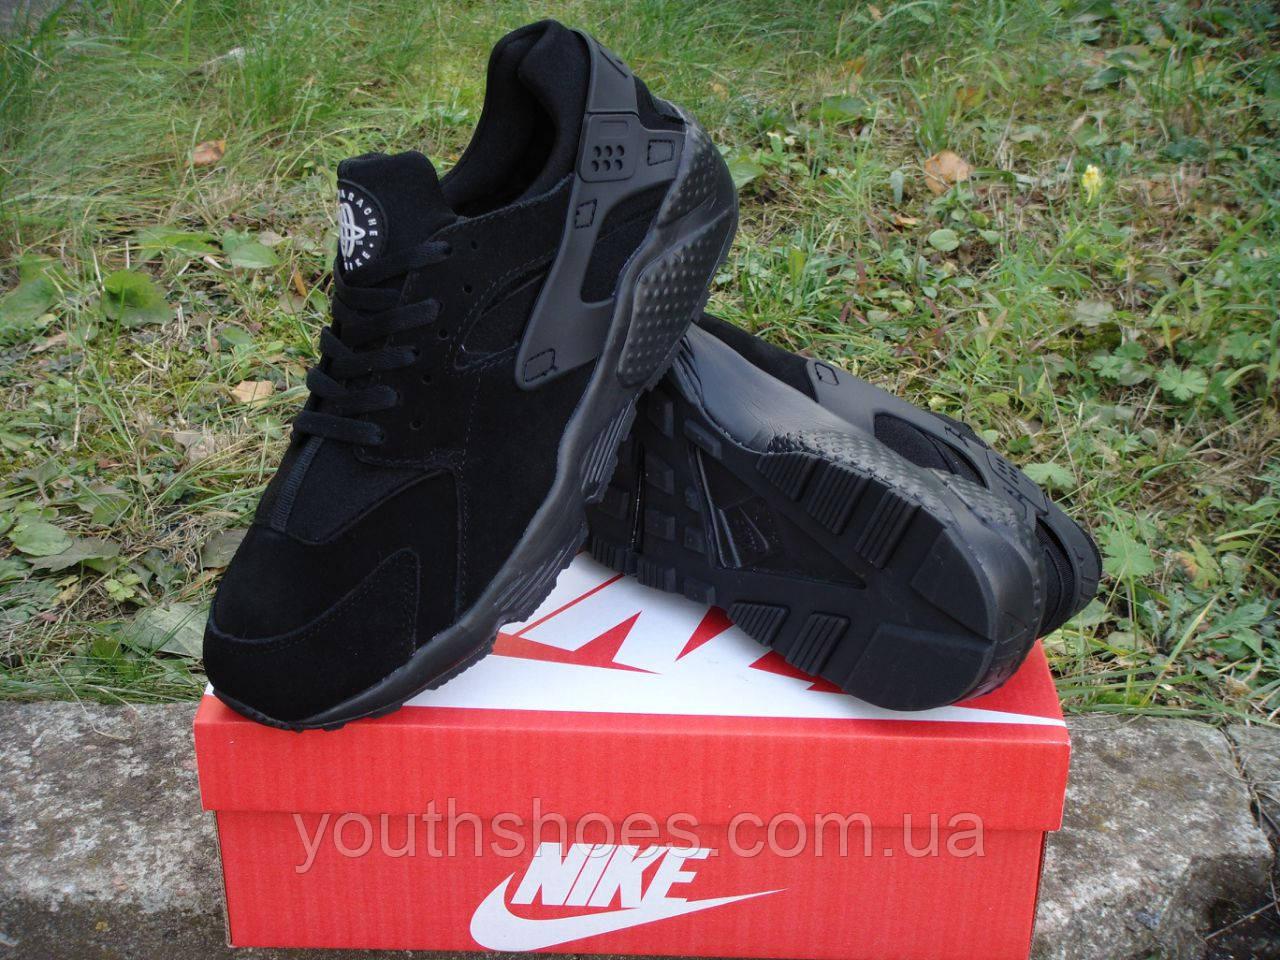 Зимние мужские кроссовки Nike Air Huarache Черные р. 45, 46, фото 1